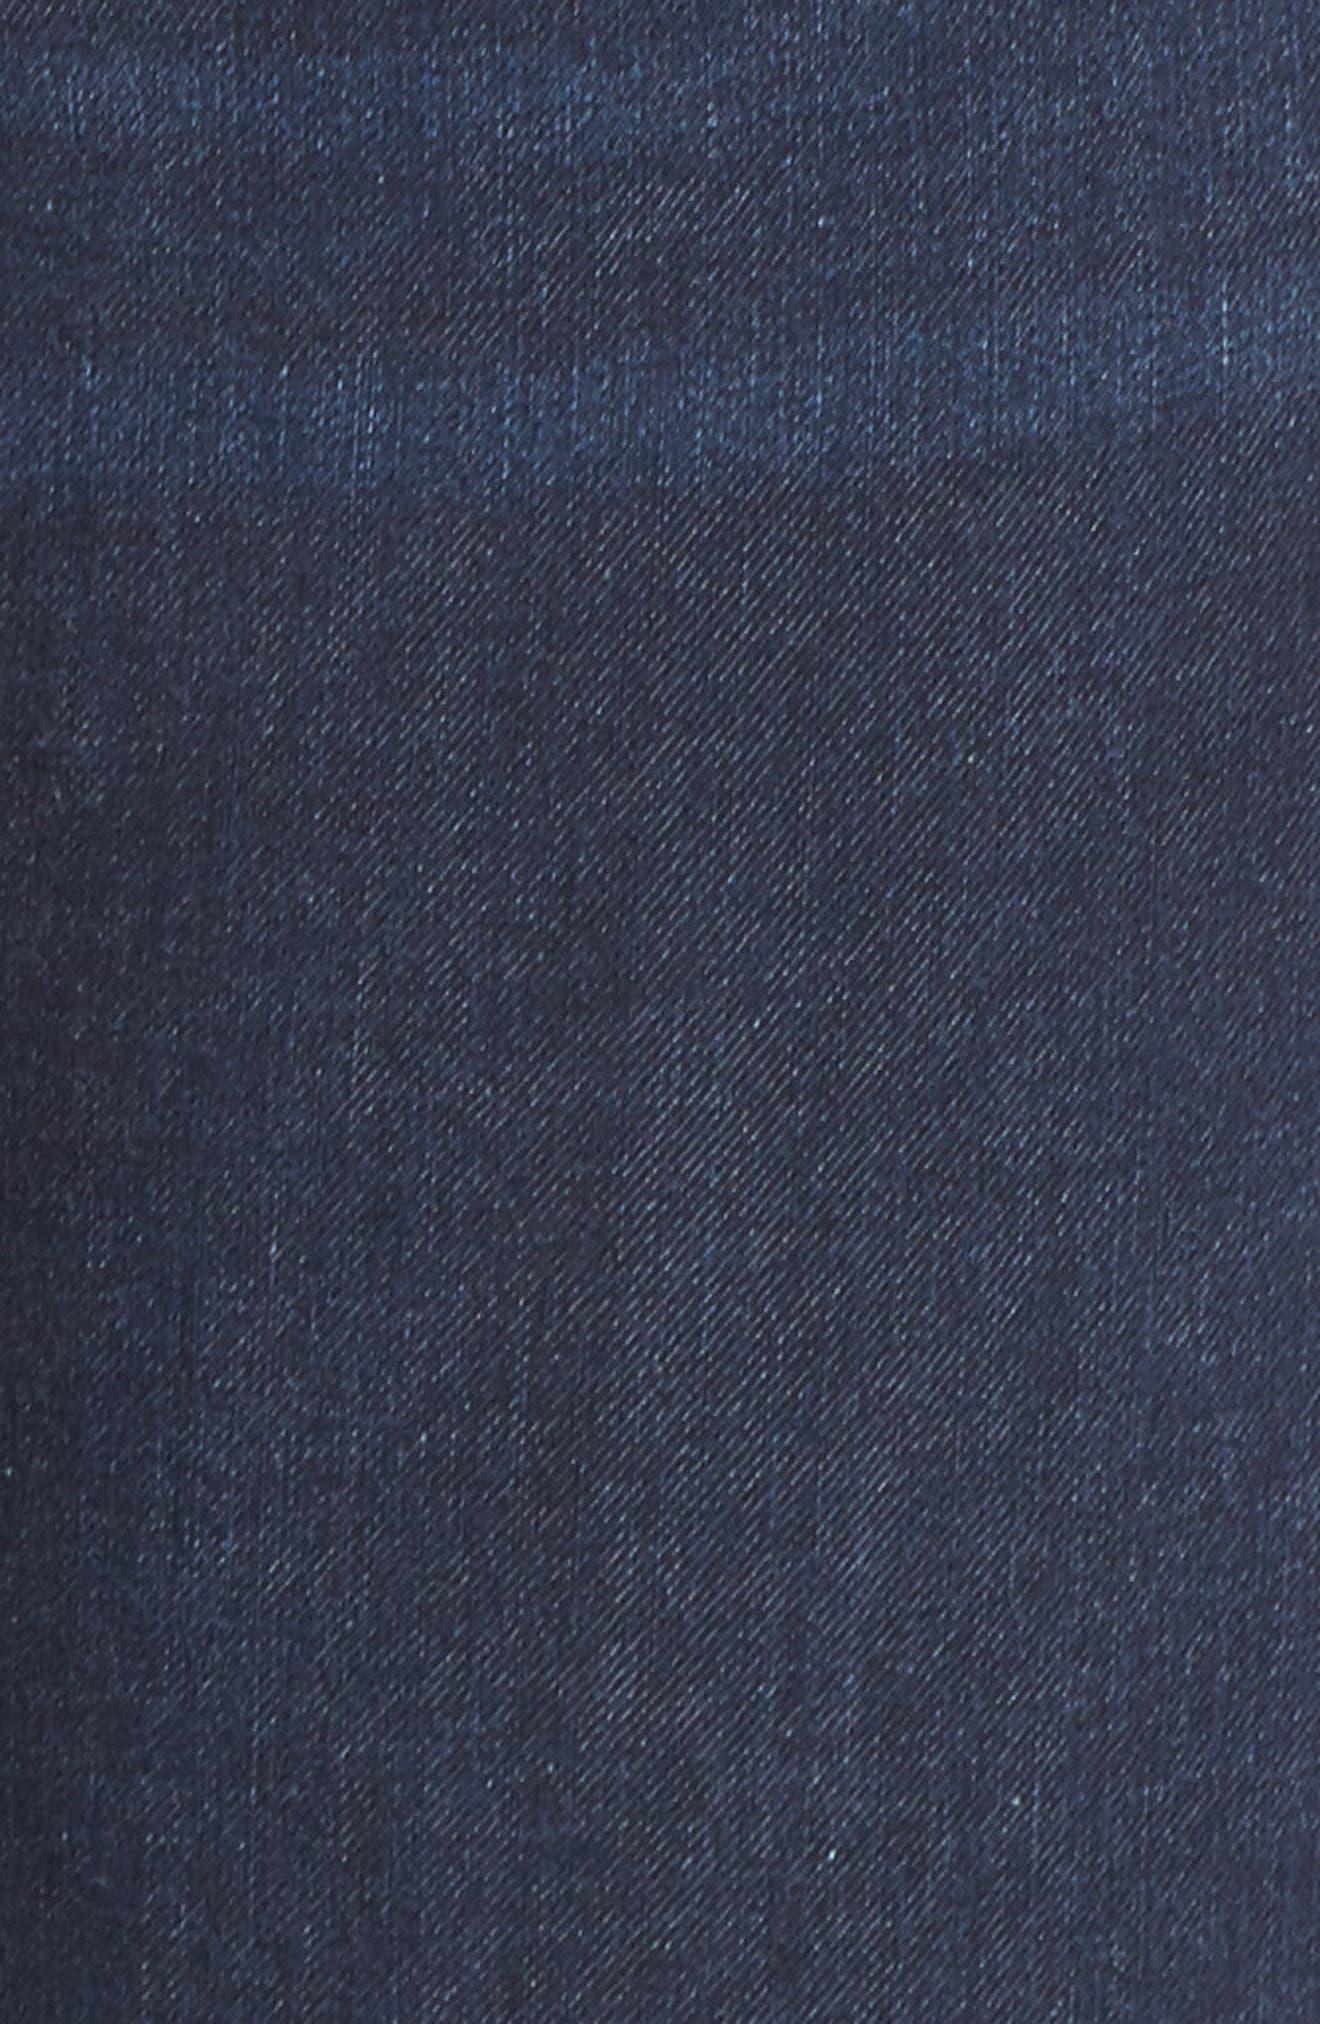 Remy - Hugger Straight Leg Jeans,                             Alternate thumbnail 6, color,                             CORVUS DARK